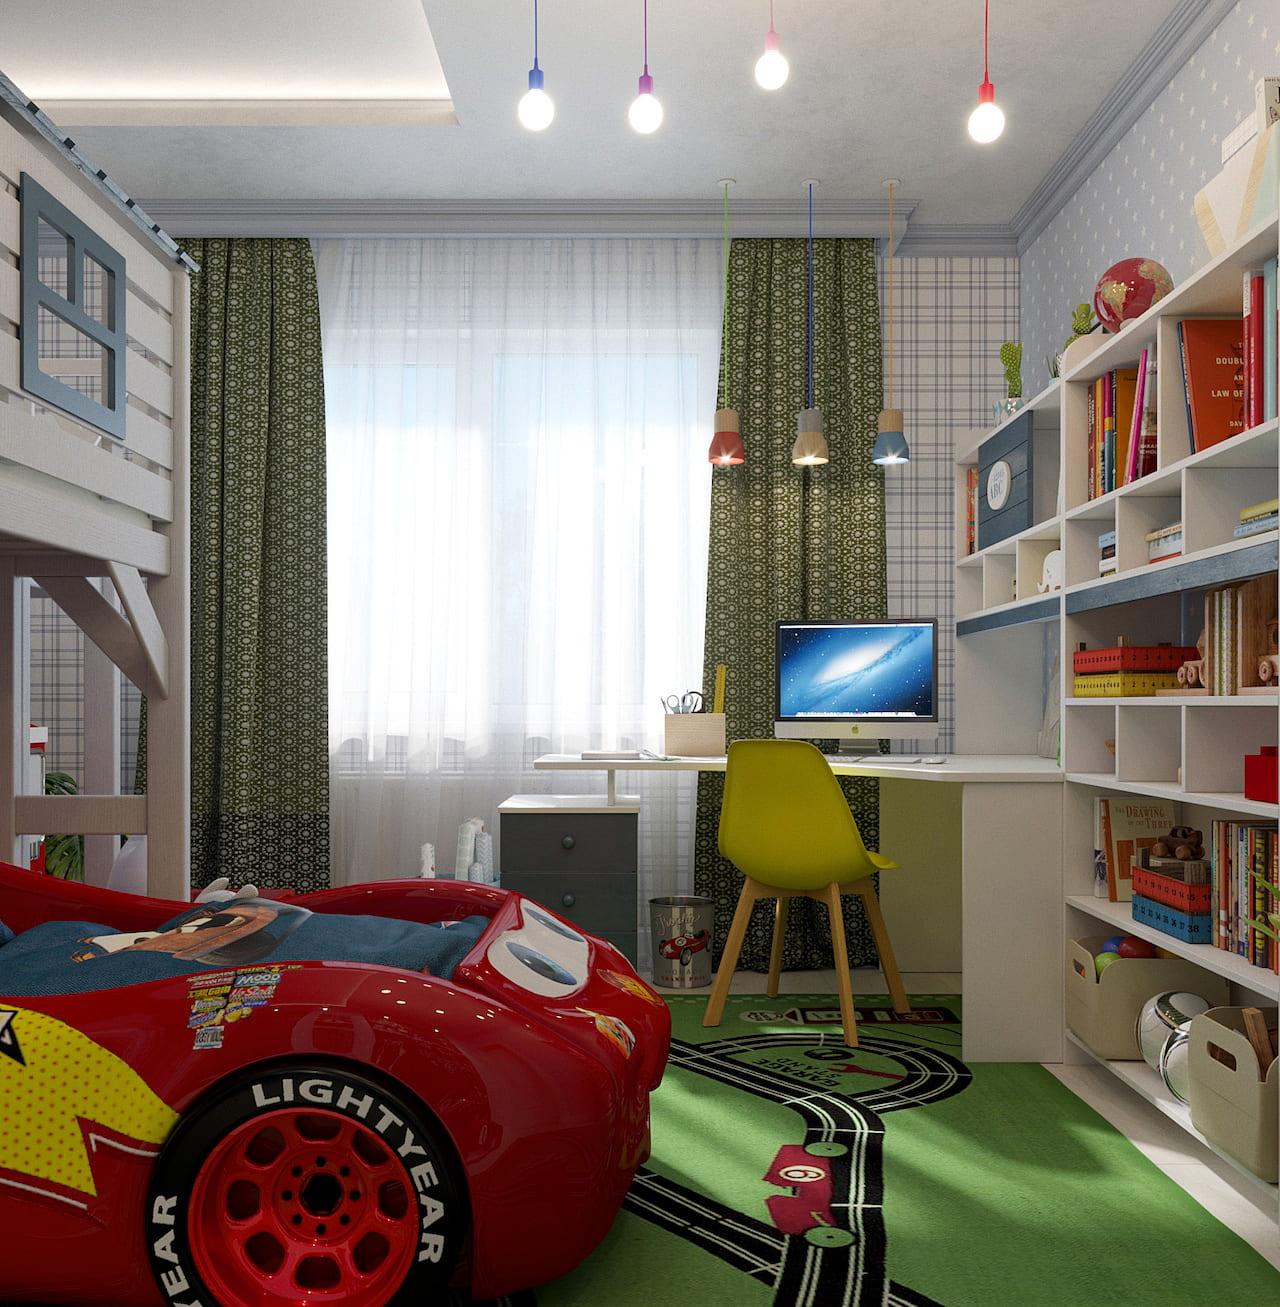 Chambre d'enfant pour un garçon photo 70